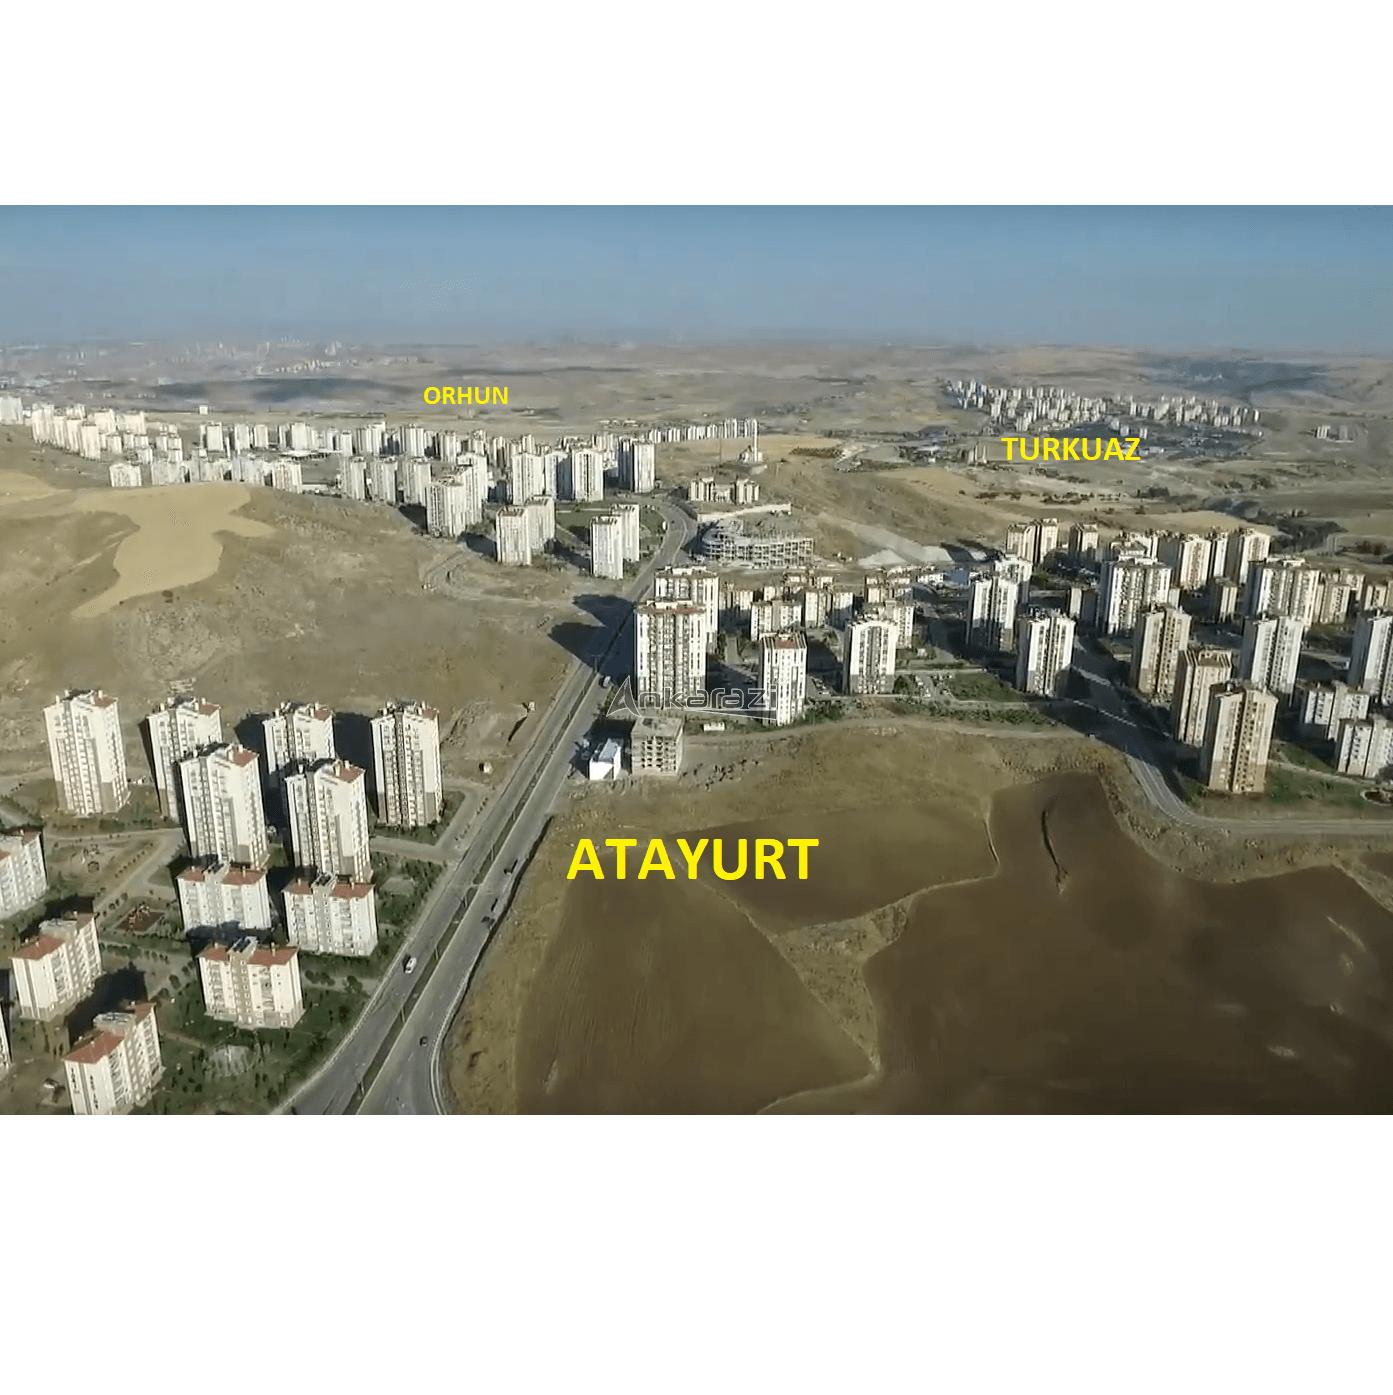 Eskişehir Yolu: Turkuaz, Atayurt ve Orhun Mahalle Sınırları…